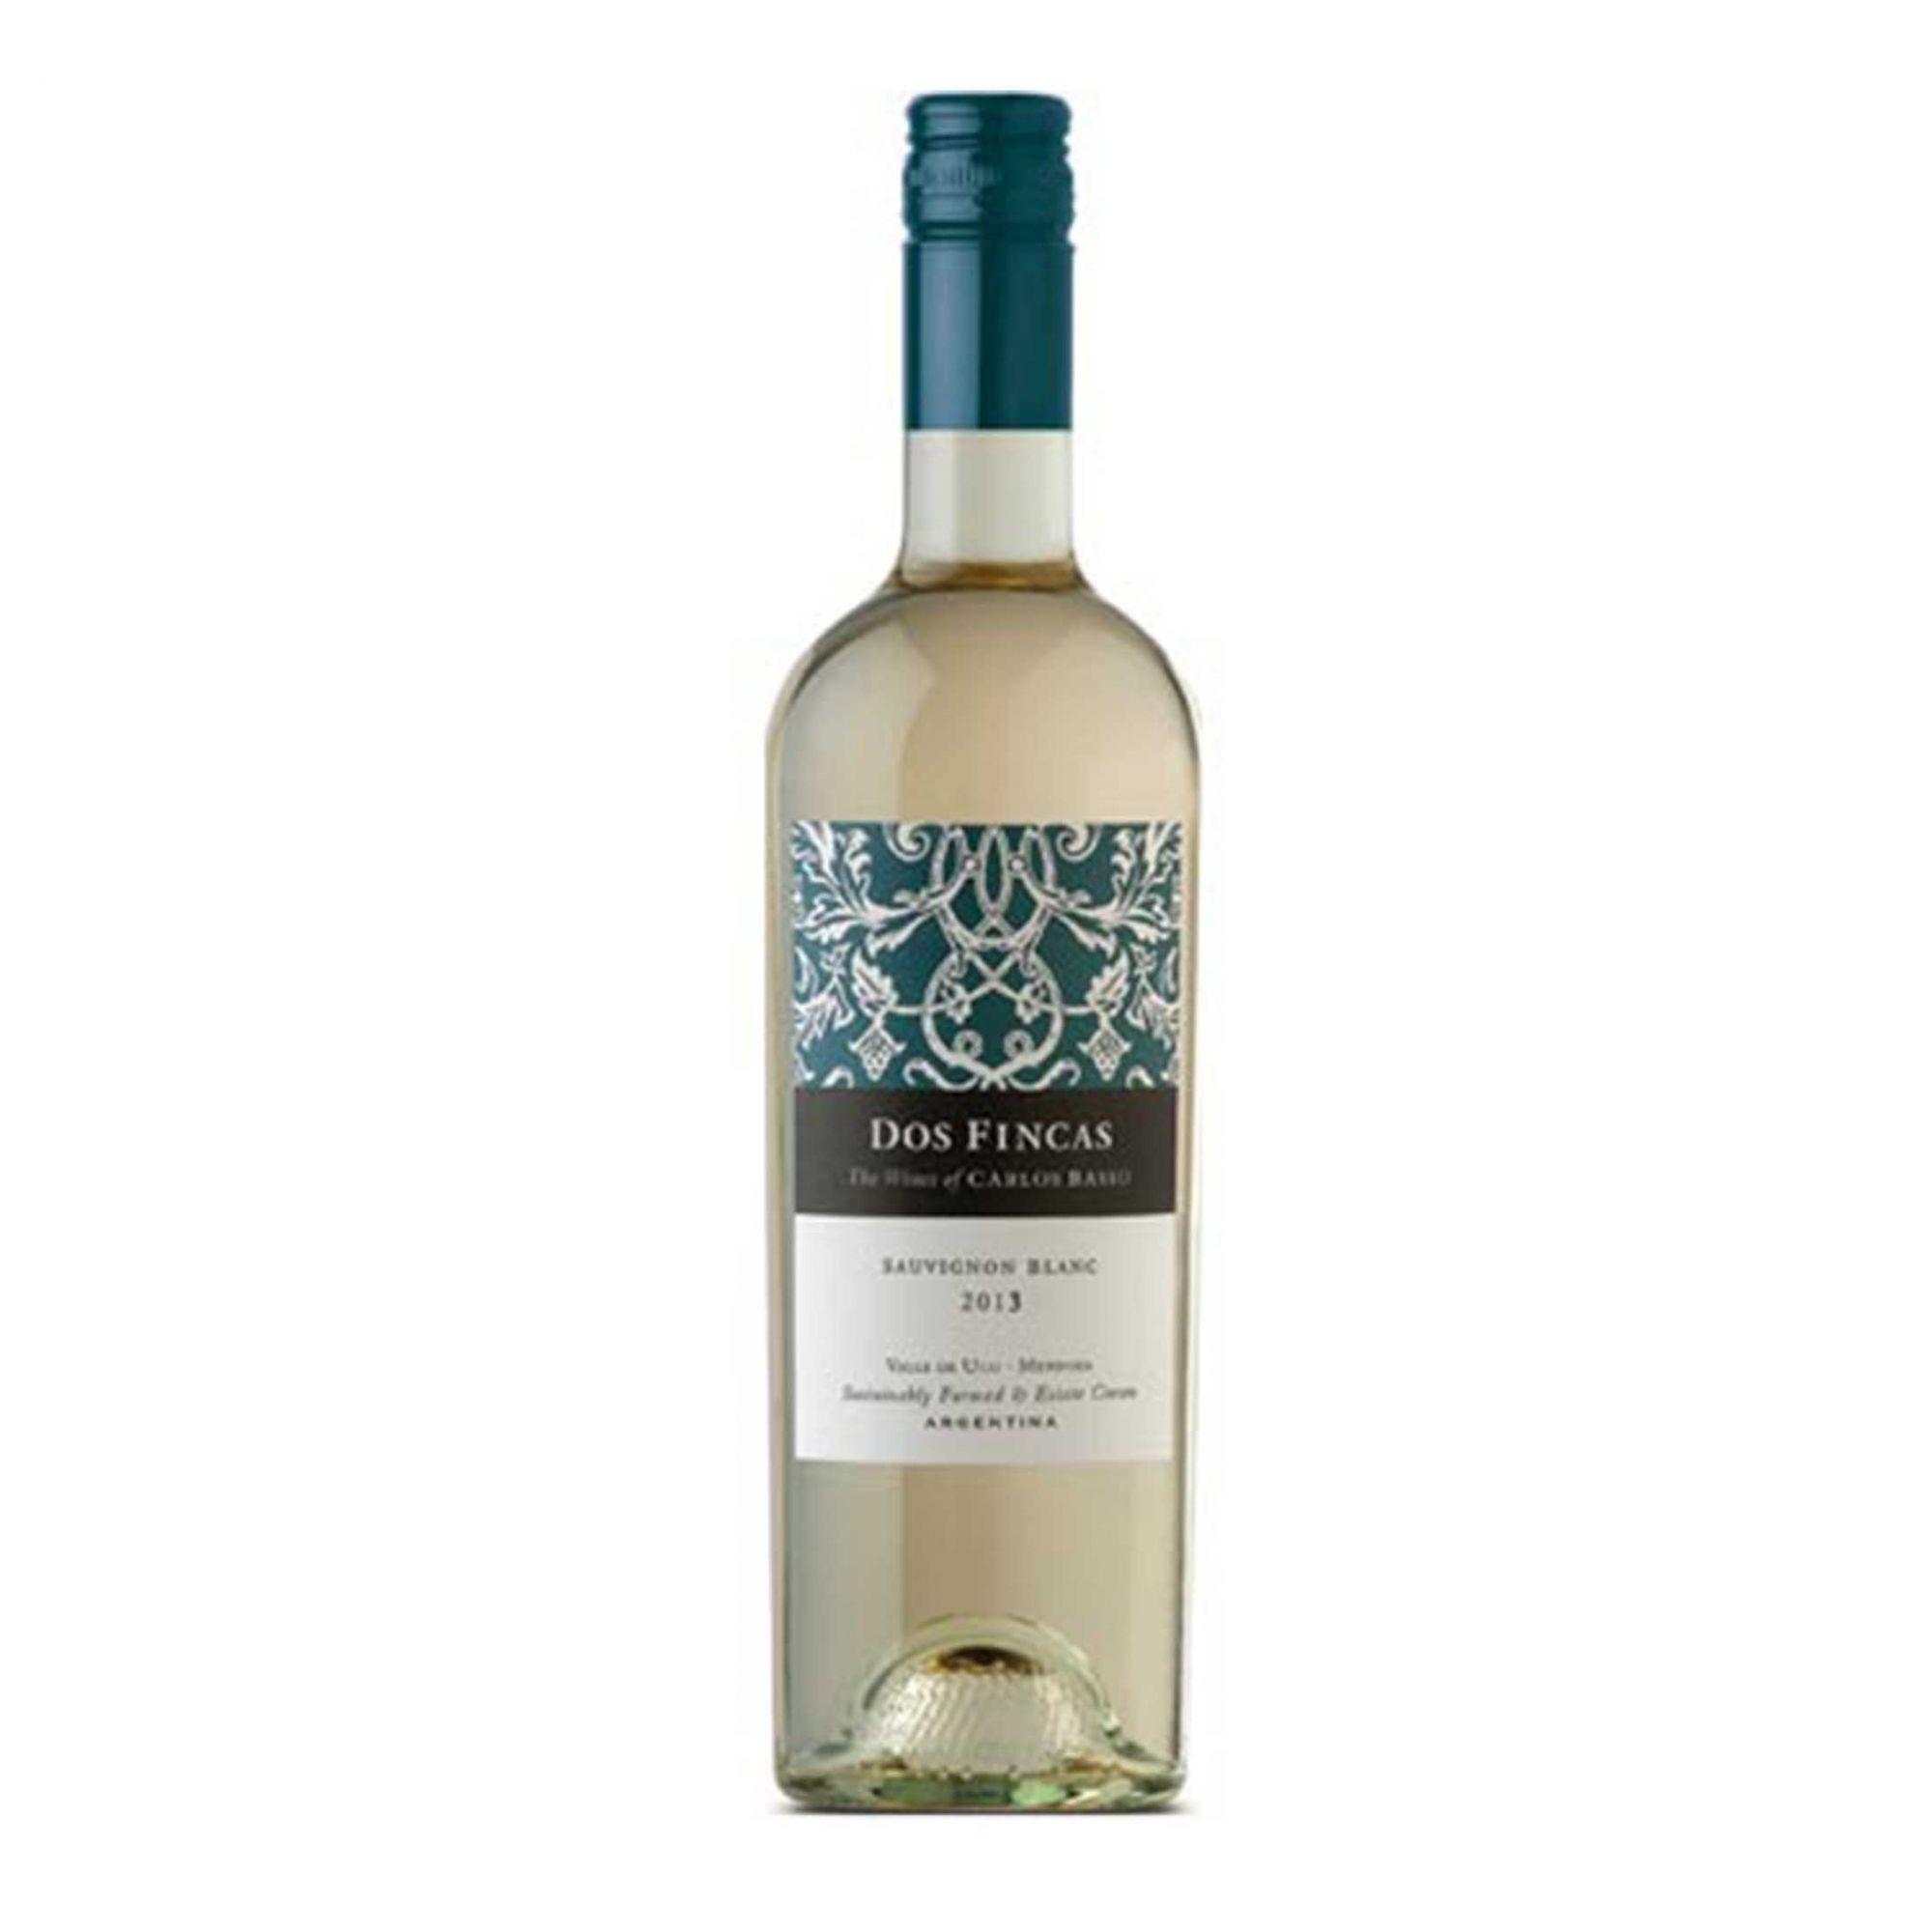 Dos Fincas Sauvignon Blanc